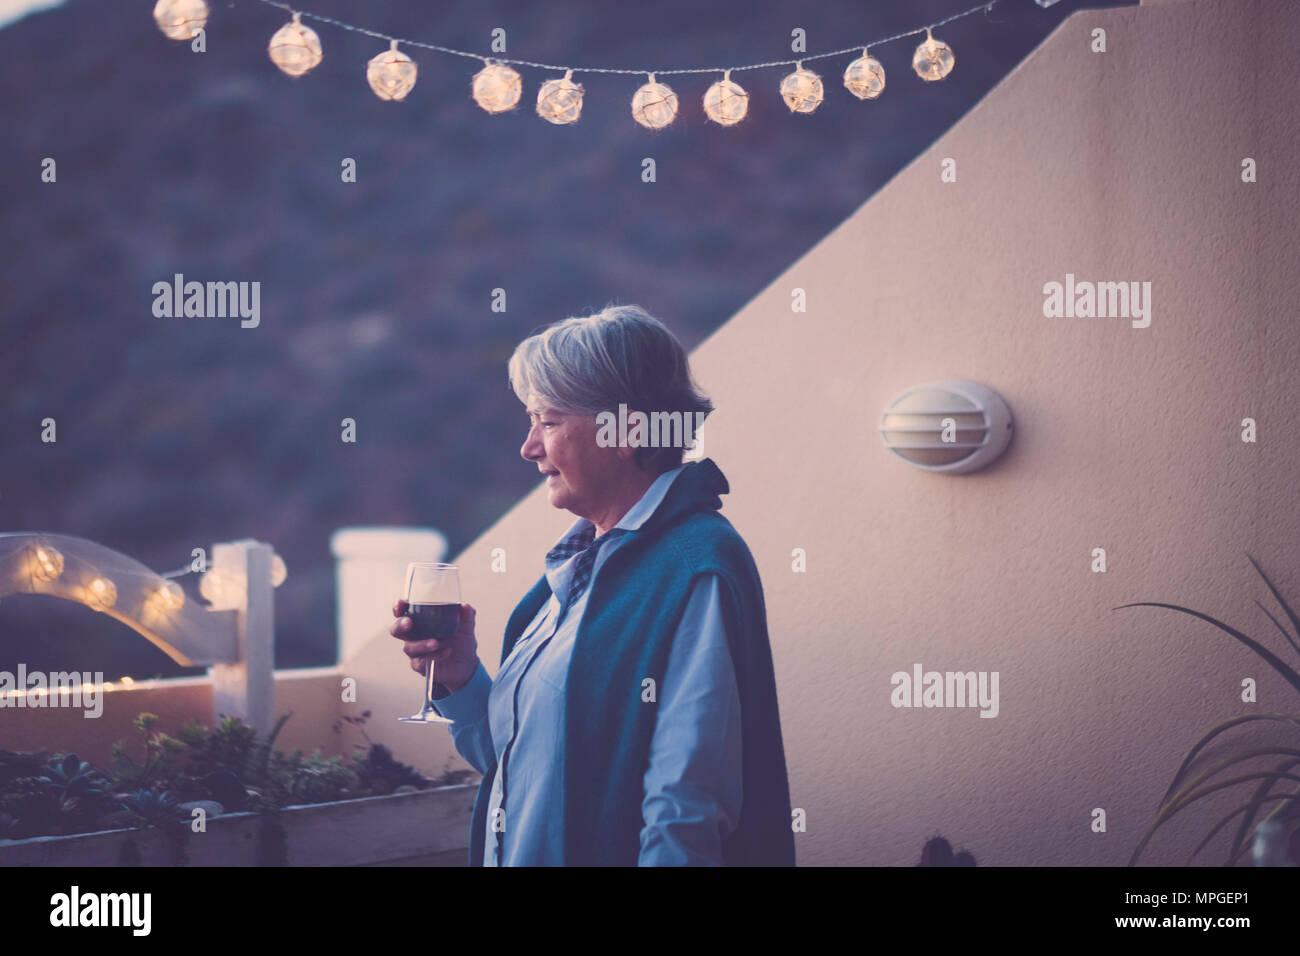 Mujer mayor edad, beber un poco de vino durante una celebración de eventos por noche en vacaciones. estilo veraniego y montañas naturaleza vista hermosa lifes modelo adulto. Imagen De Stock